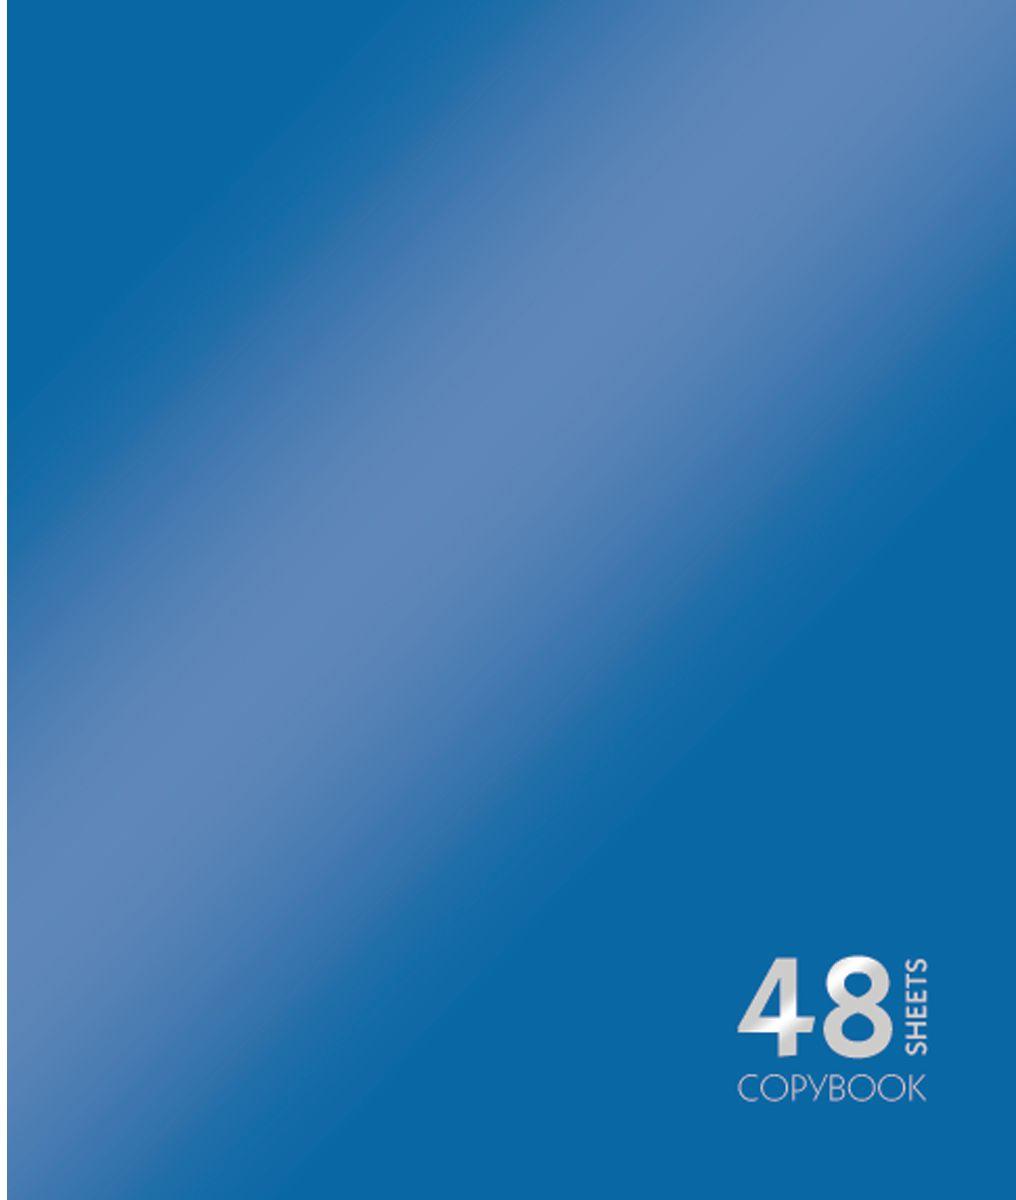 Канц-Эксмо Тетрадь Сияние цвета 48 листов в клетку цвет синий2346067Тетрадь А5 48 листов на скрепке, клетка. Обложка мелованный картон с пантонной металлизированной печатью. Бумага офсет 60г/м2